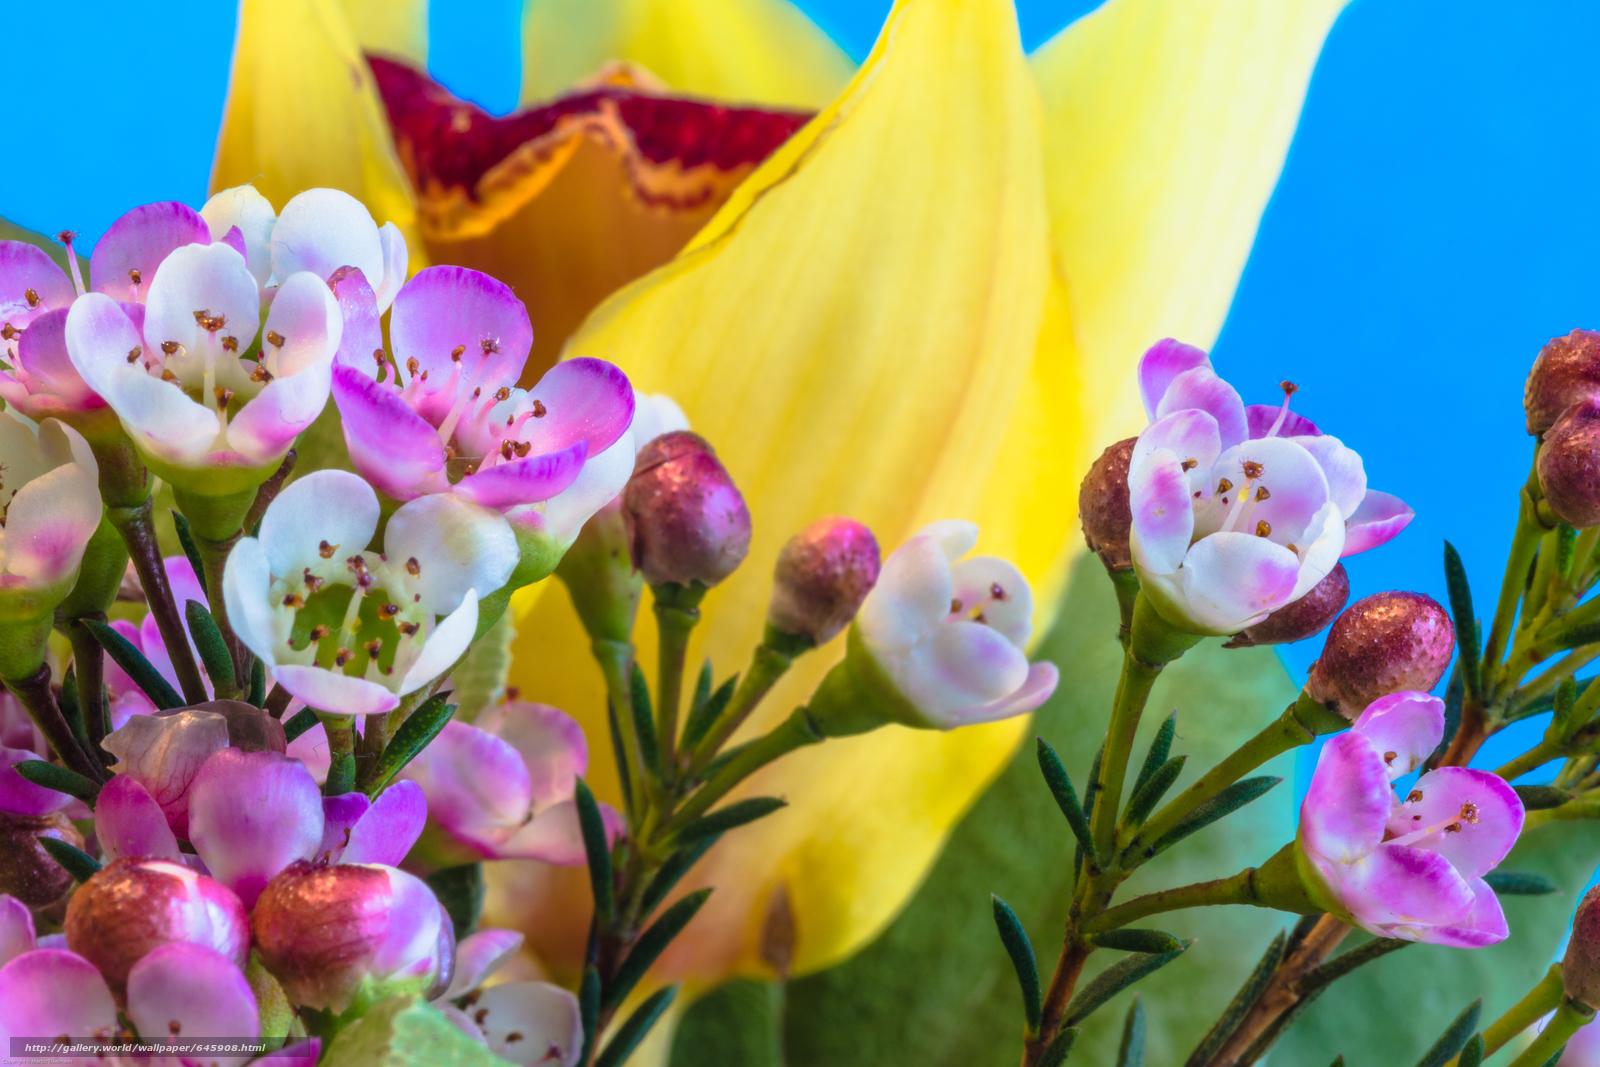 Скачать обои цветы,  флора,  макро бесплатно для рабочего стола в разрешении 6000x4000 — картинка №645908